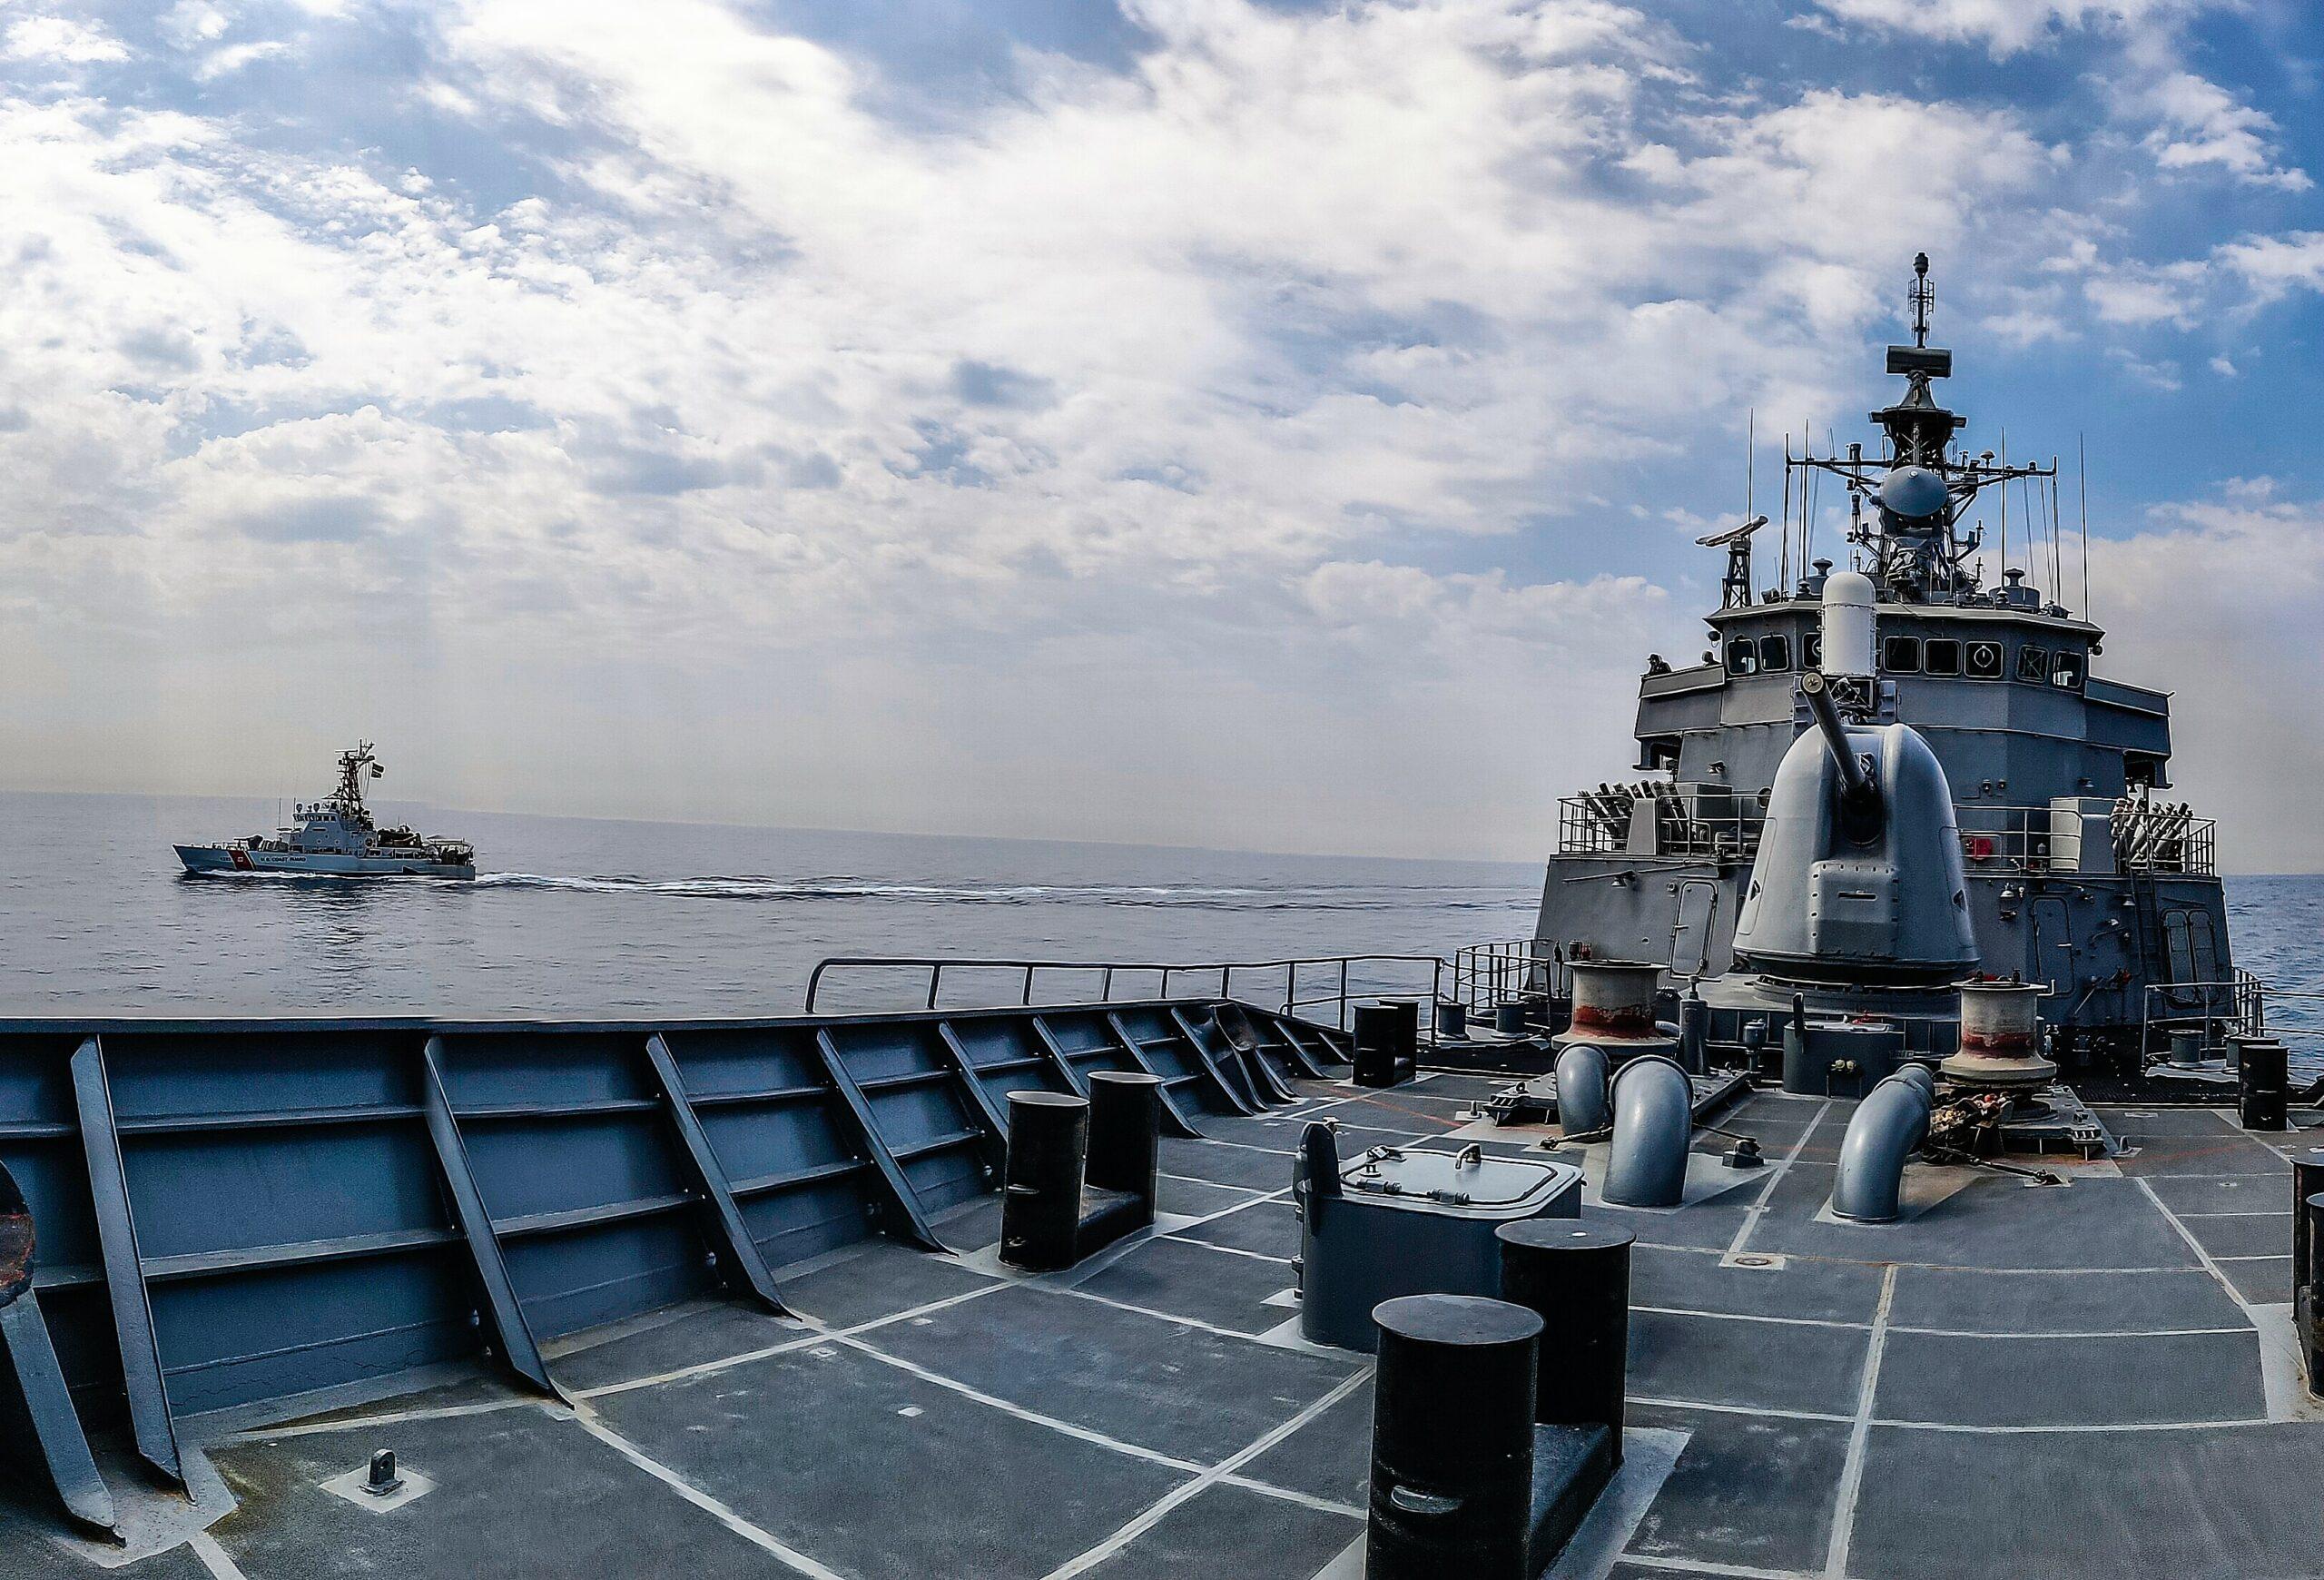 Ασταμάτητη η φρεγάτα «ΥΔΡΑ» σε συνεκπαίδευση με ναυτικές δυνάμεις των ΗΠΑ [pics]